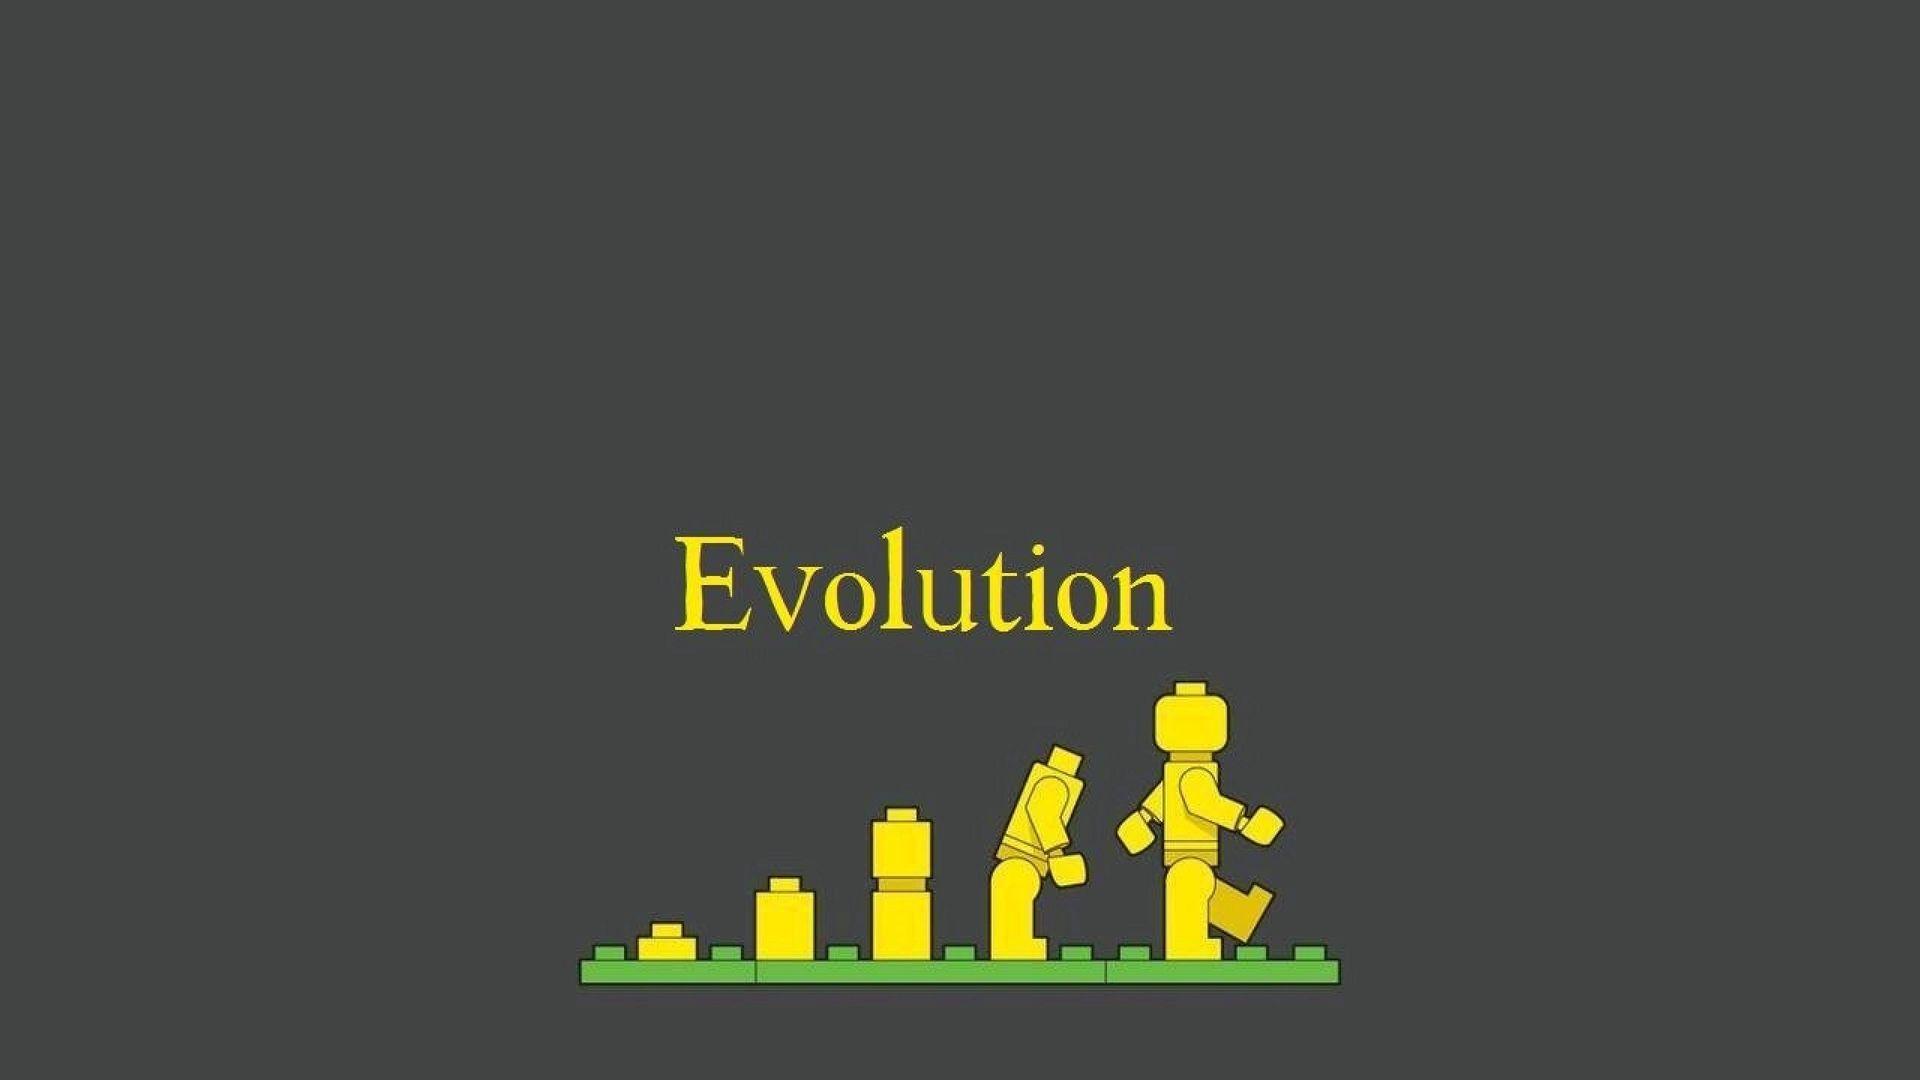 1920x1080 Wallpaper lego, evolution, development